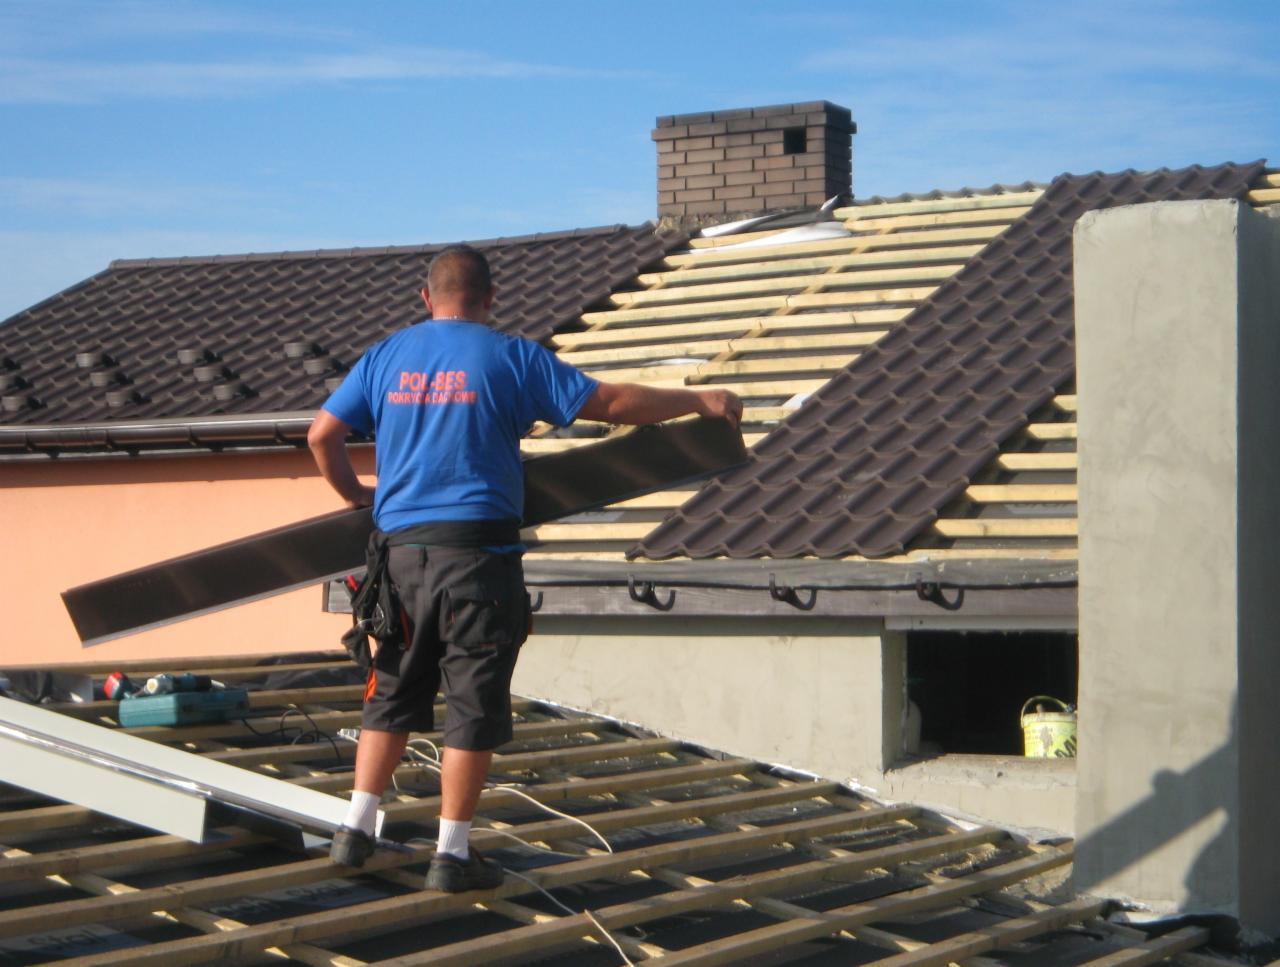 Prace dekarskie na dachu